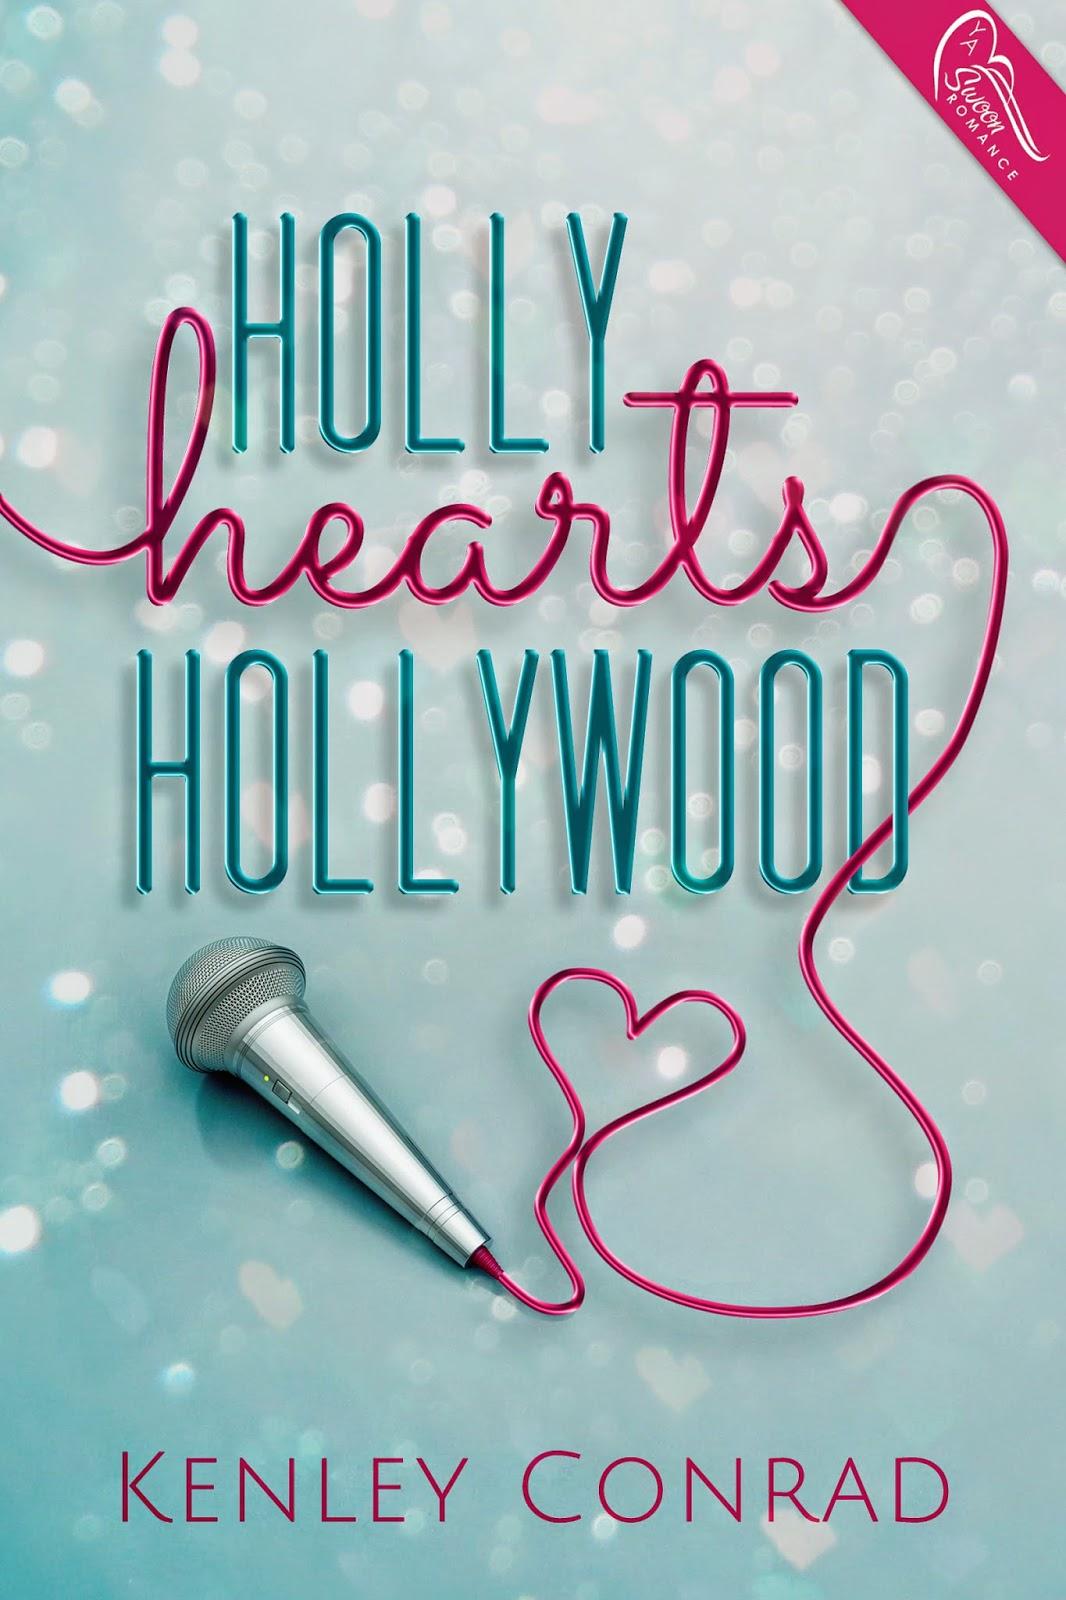 HollyHeartsHollywood